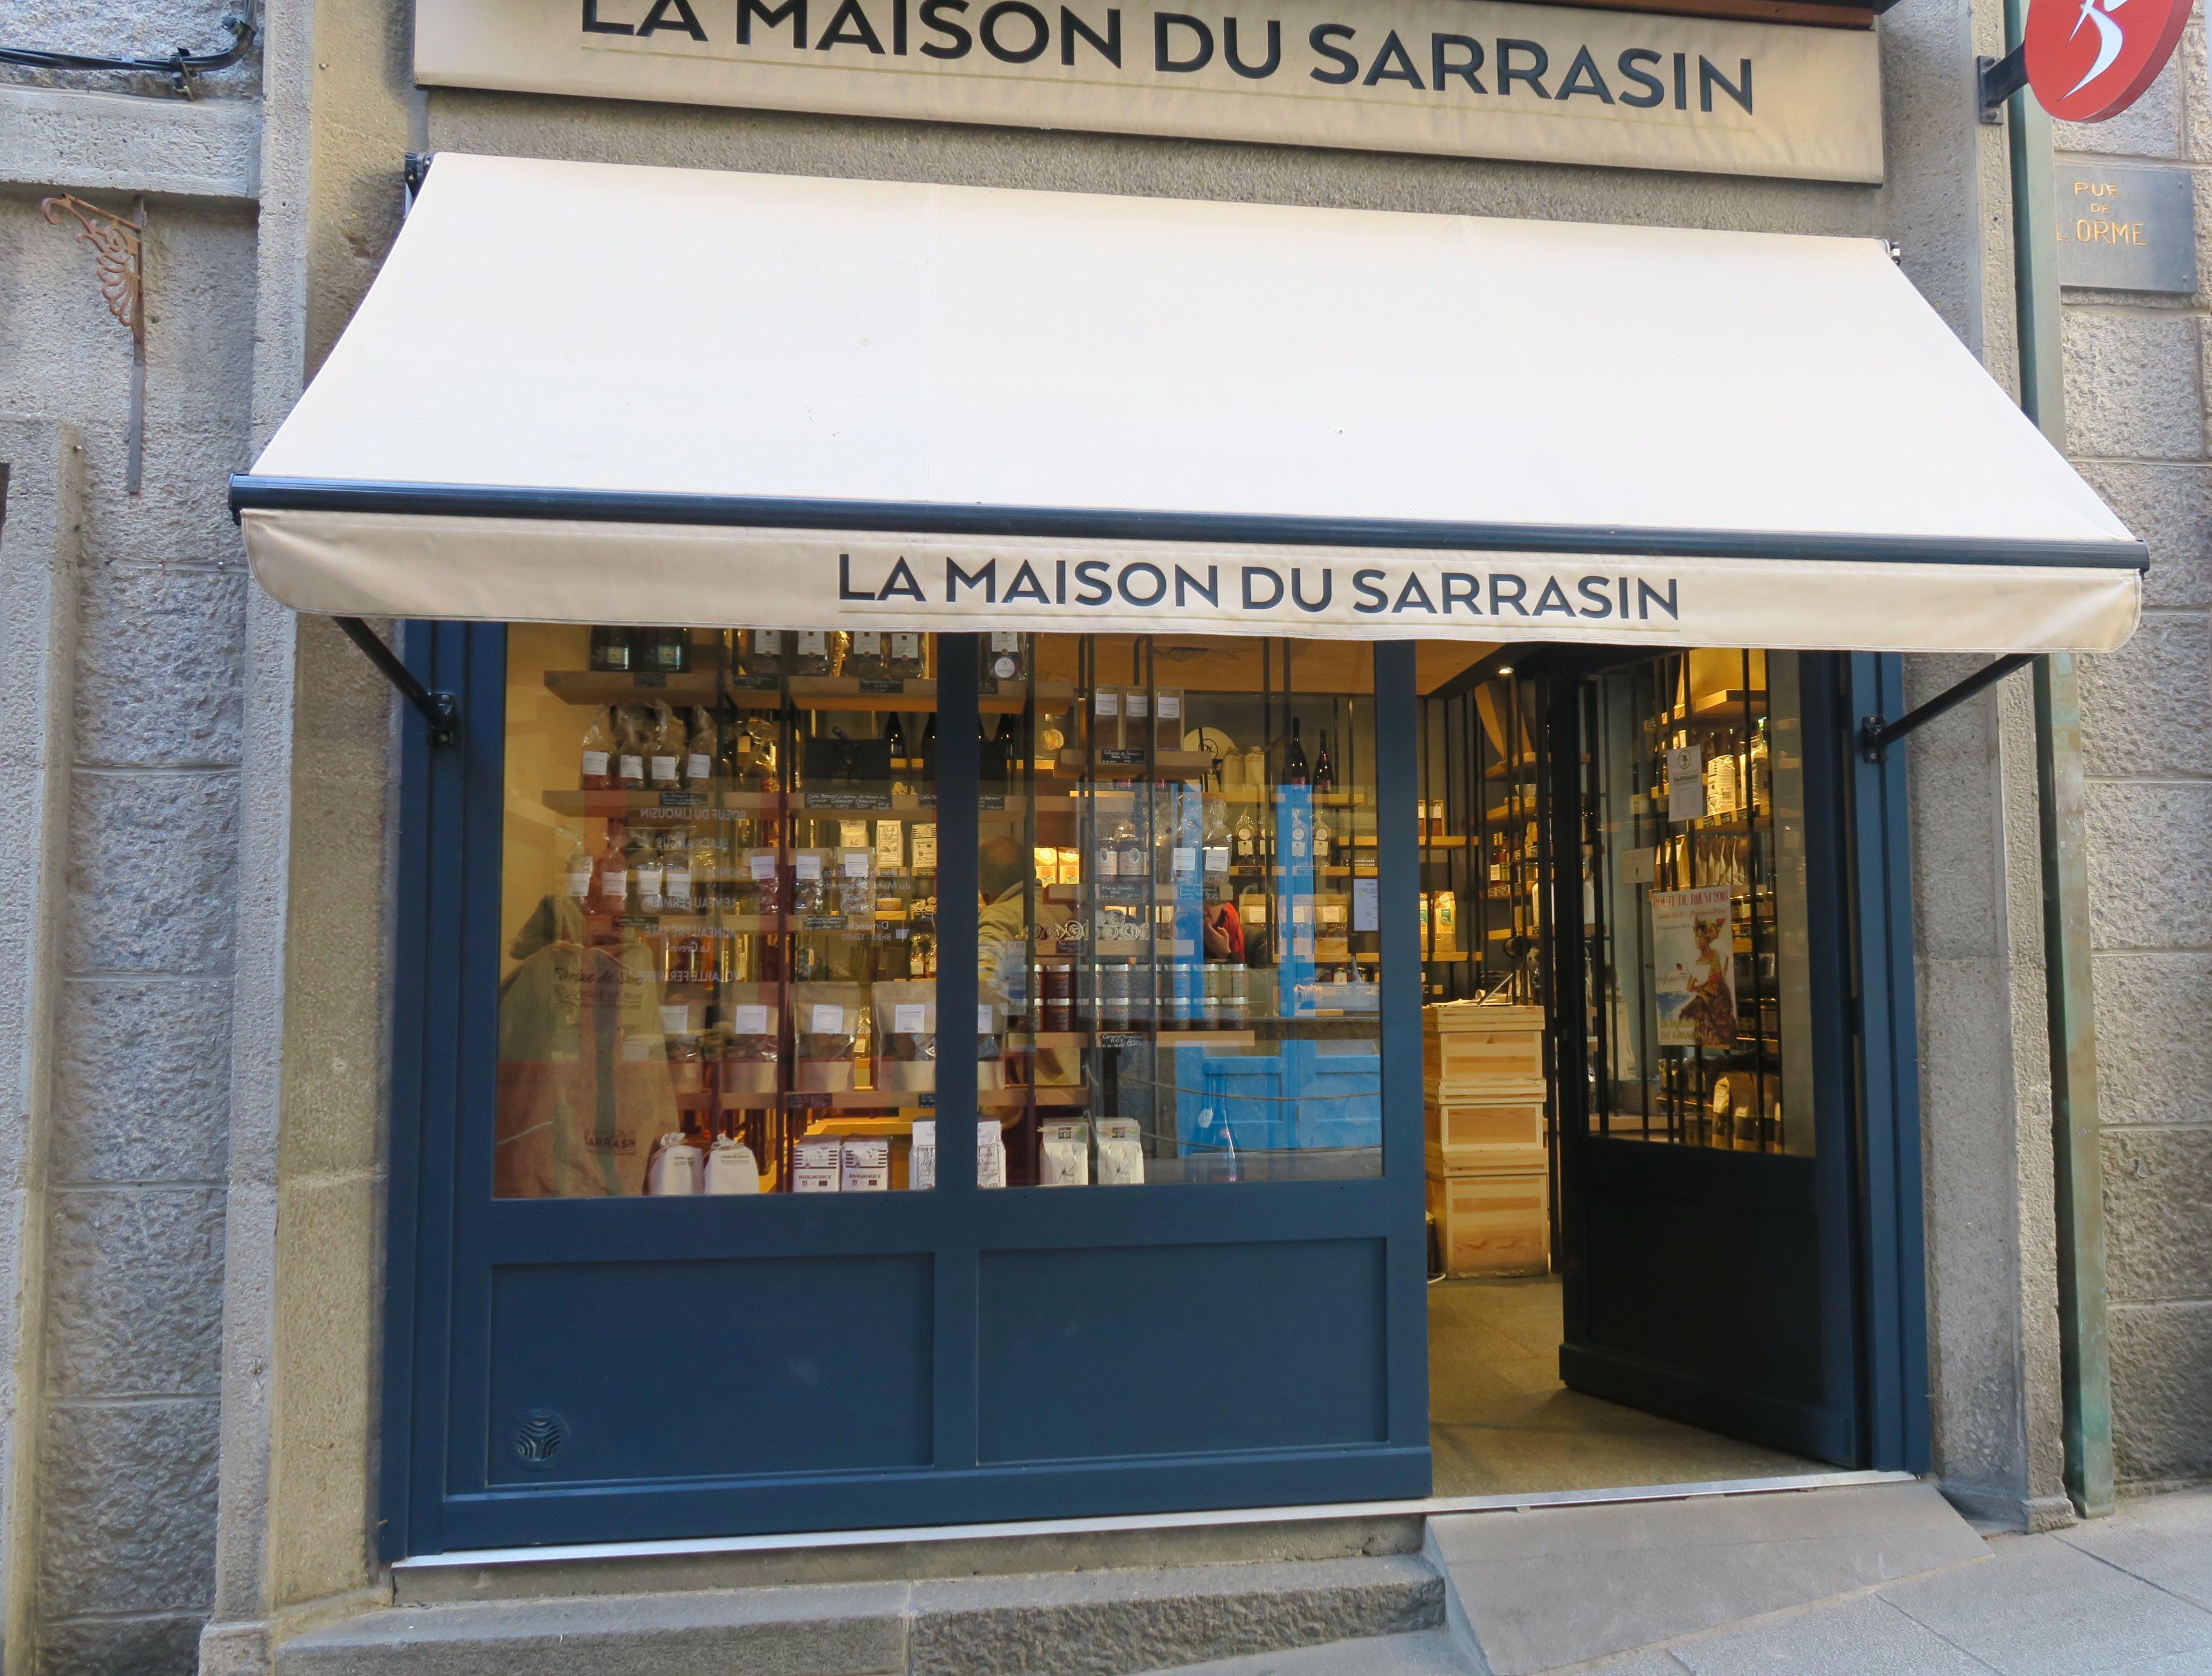 Buchweizenspezialist in der Rue de l'Orme in Saint-Malo